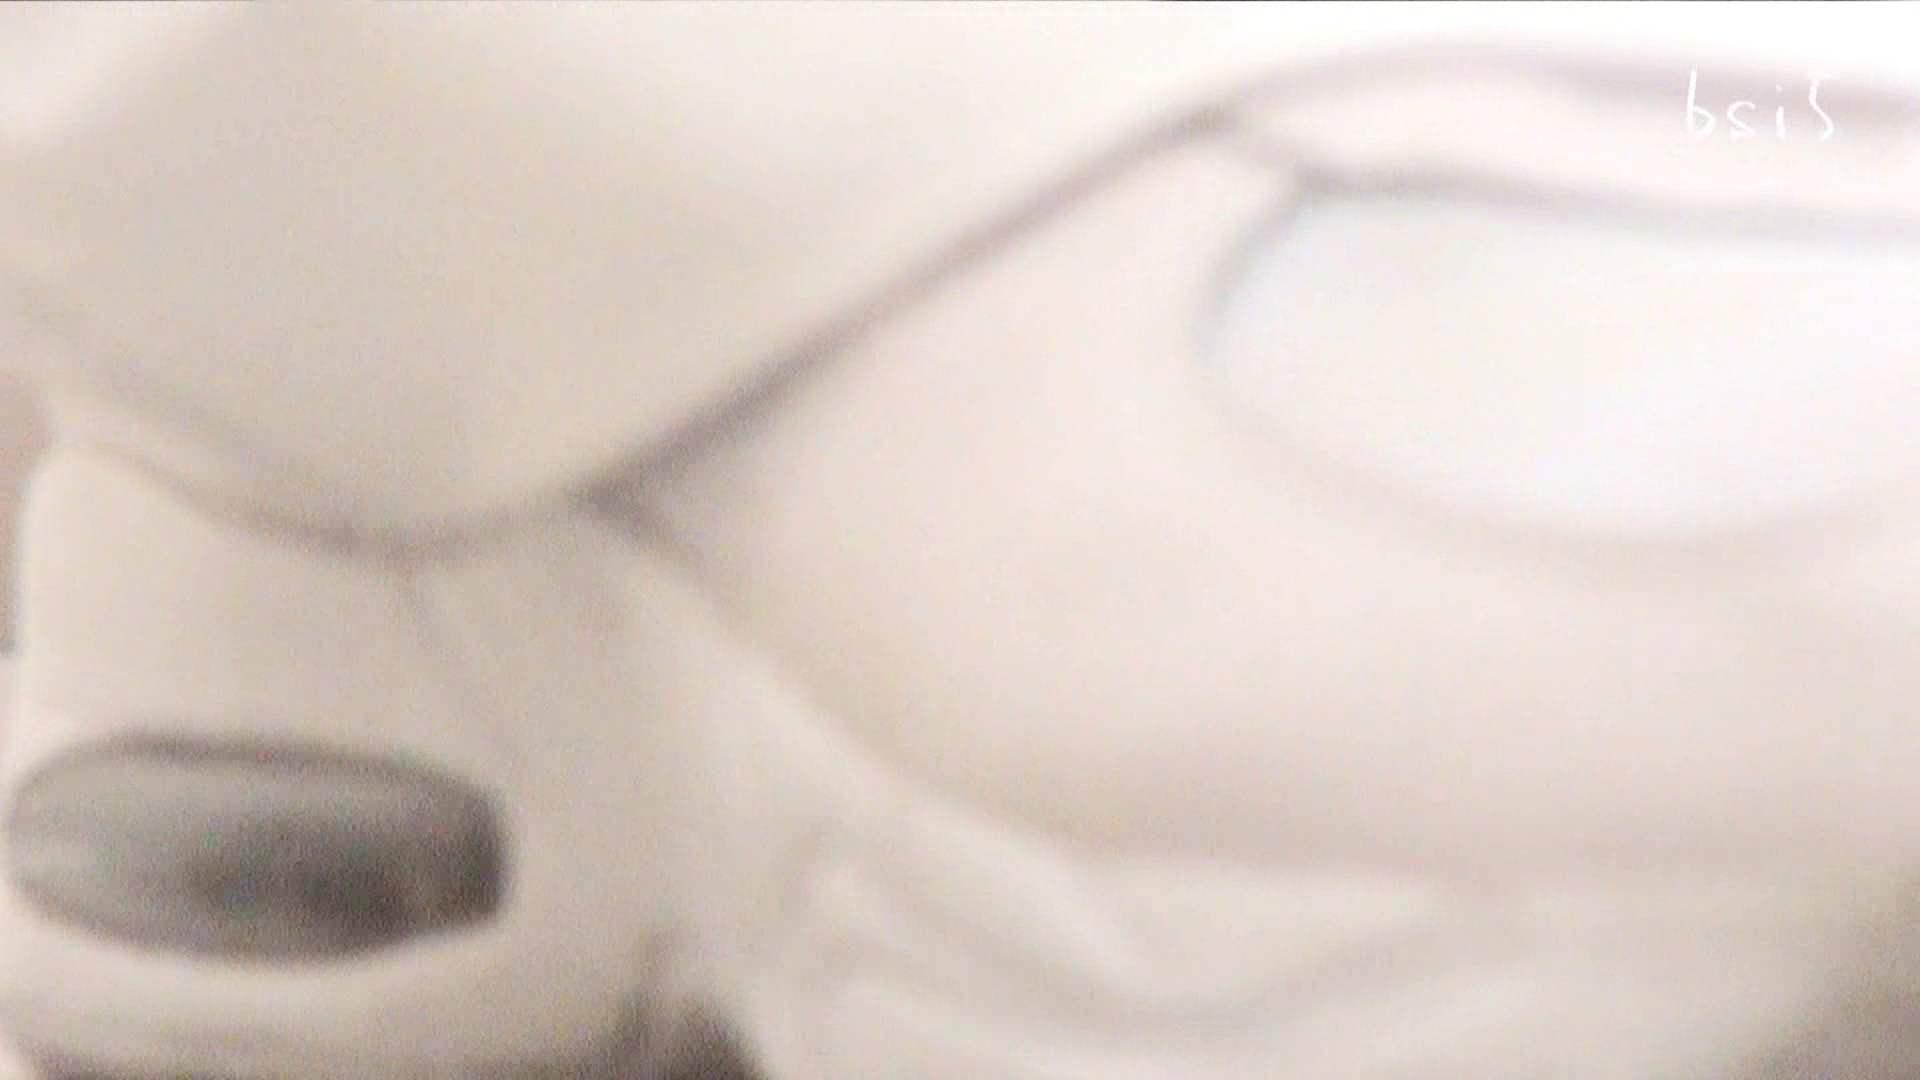 ナースのお小水 vol.005 OLセックス 覗きぱこり動画紹介 56画像 32